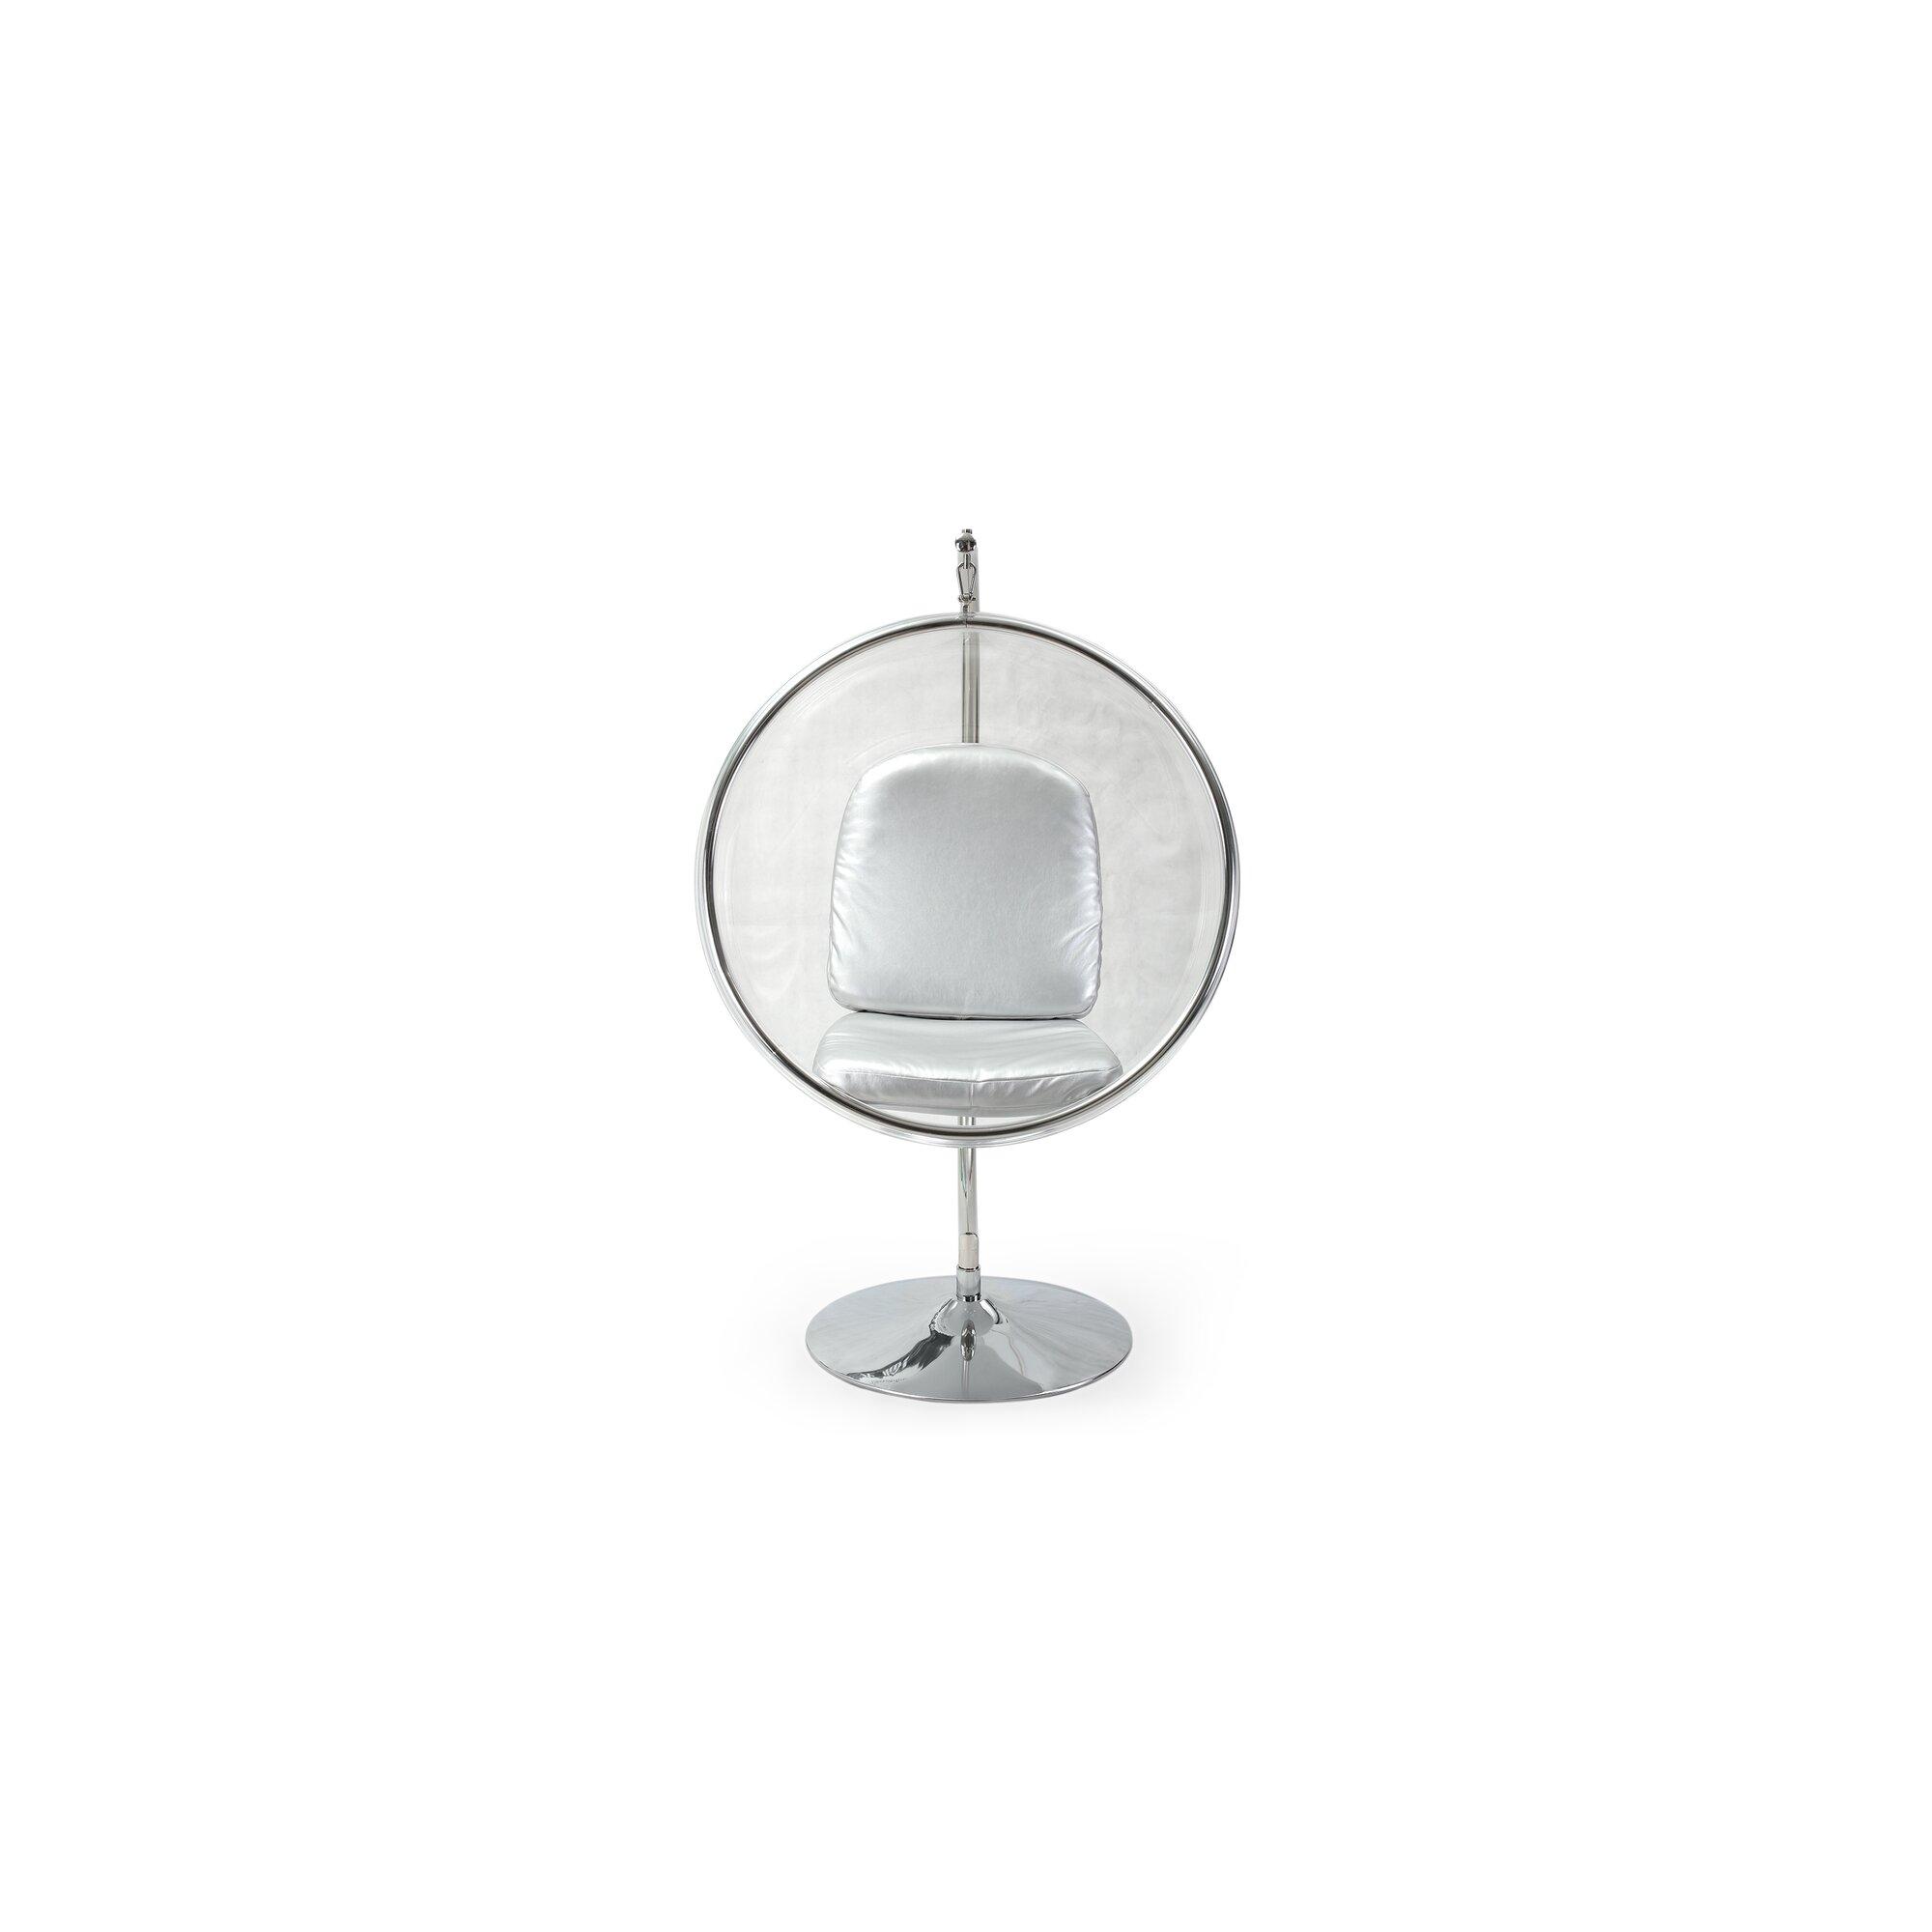 Bubble chair dimensions - Bubble Chair